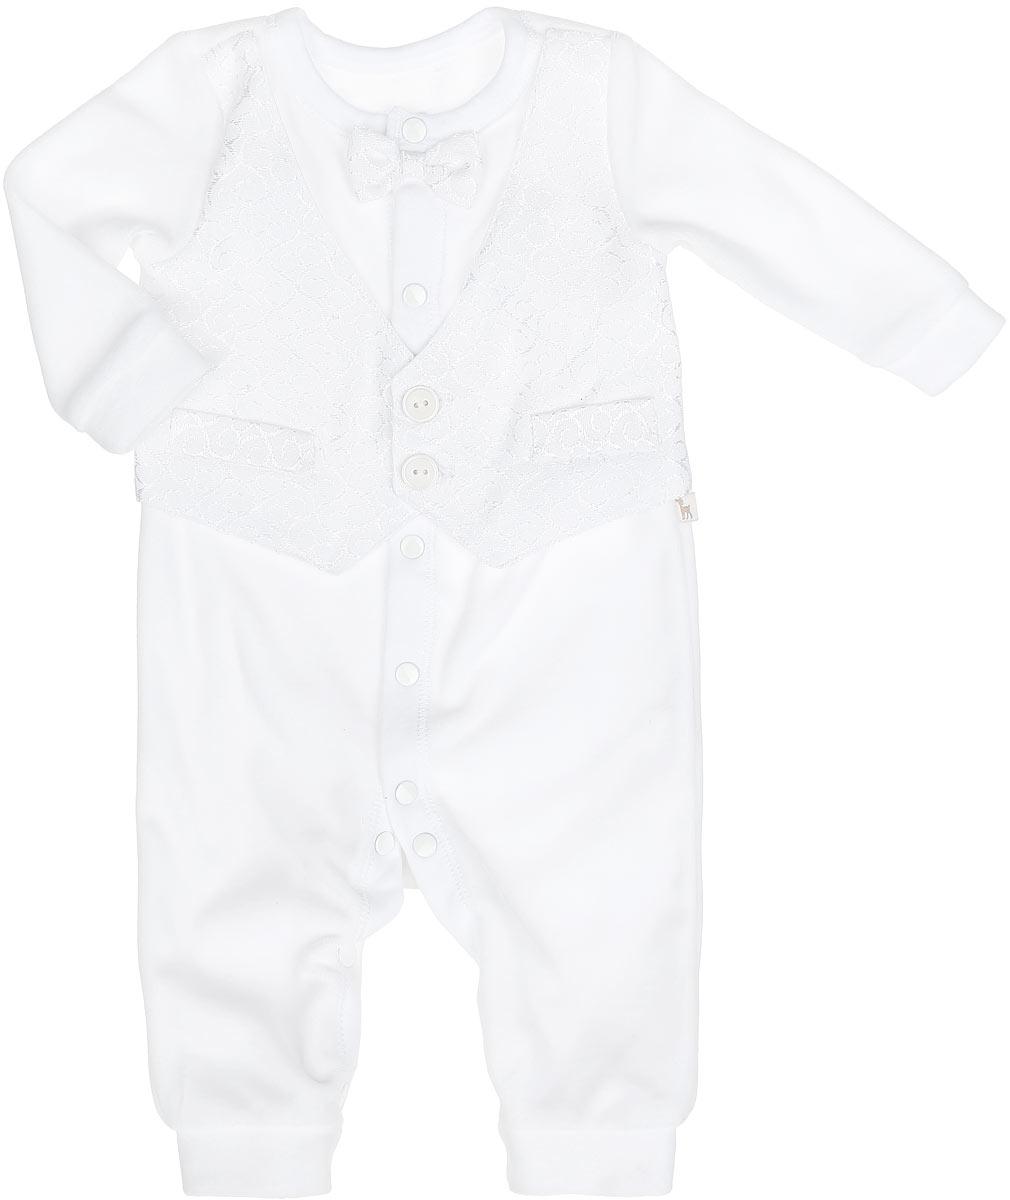 Комбинезон для мальчика БЕМБІ, цвет: белый. KB93-1. Размер 56, 1 месяцKB93-1Комбинезон для мальчика БЕМБІ идеально подойдет вашему малышу. Изготовленный из велюра, он необычайно мягкий и приятный на ощупь, не раздражает нежную кожу ребенка и хорошо вентилируется, а эластичные швы приятны телу малыша и не препятствуют его движениям. Комбинезон с длинными рукавами, круглым вырезом горловины и открытыми ножками имеет застежки-кнопки от горловины до ступни, которые помогают с легкостью переодеть ребенка или сменить подгузник. Спереди модель дополнена галстуком-бабочкой и вставкой, имитирующей жилетку на пуговицах, которая оформлена оригинальным узором и имитацией карманов. Рукава и низ брючин дополнены узкими манжетами. В таком комбинезоне ваш ребенок будет чувствовать себя комфортно, уютно и всегда будет в центре внимания!